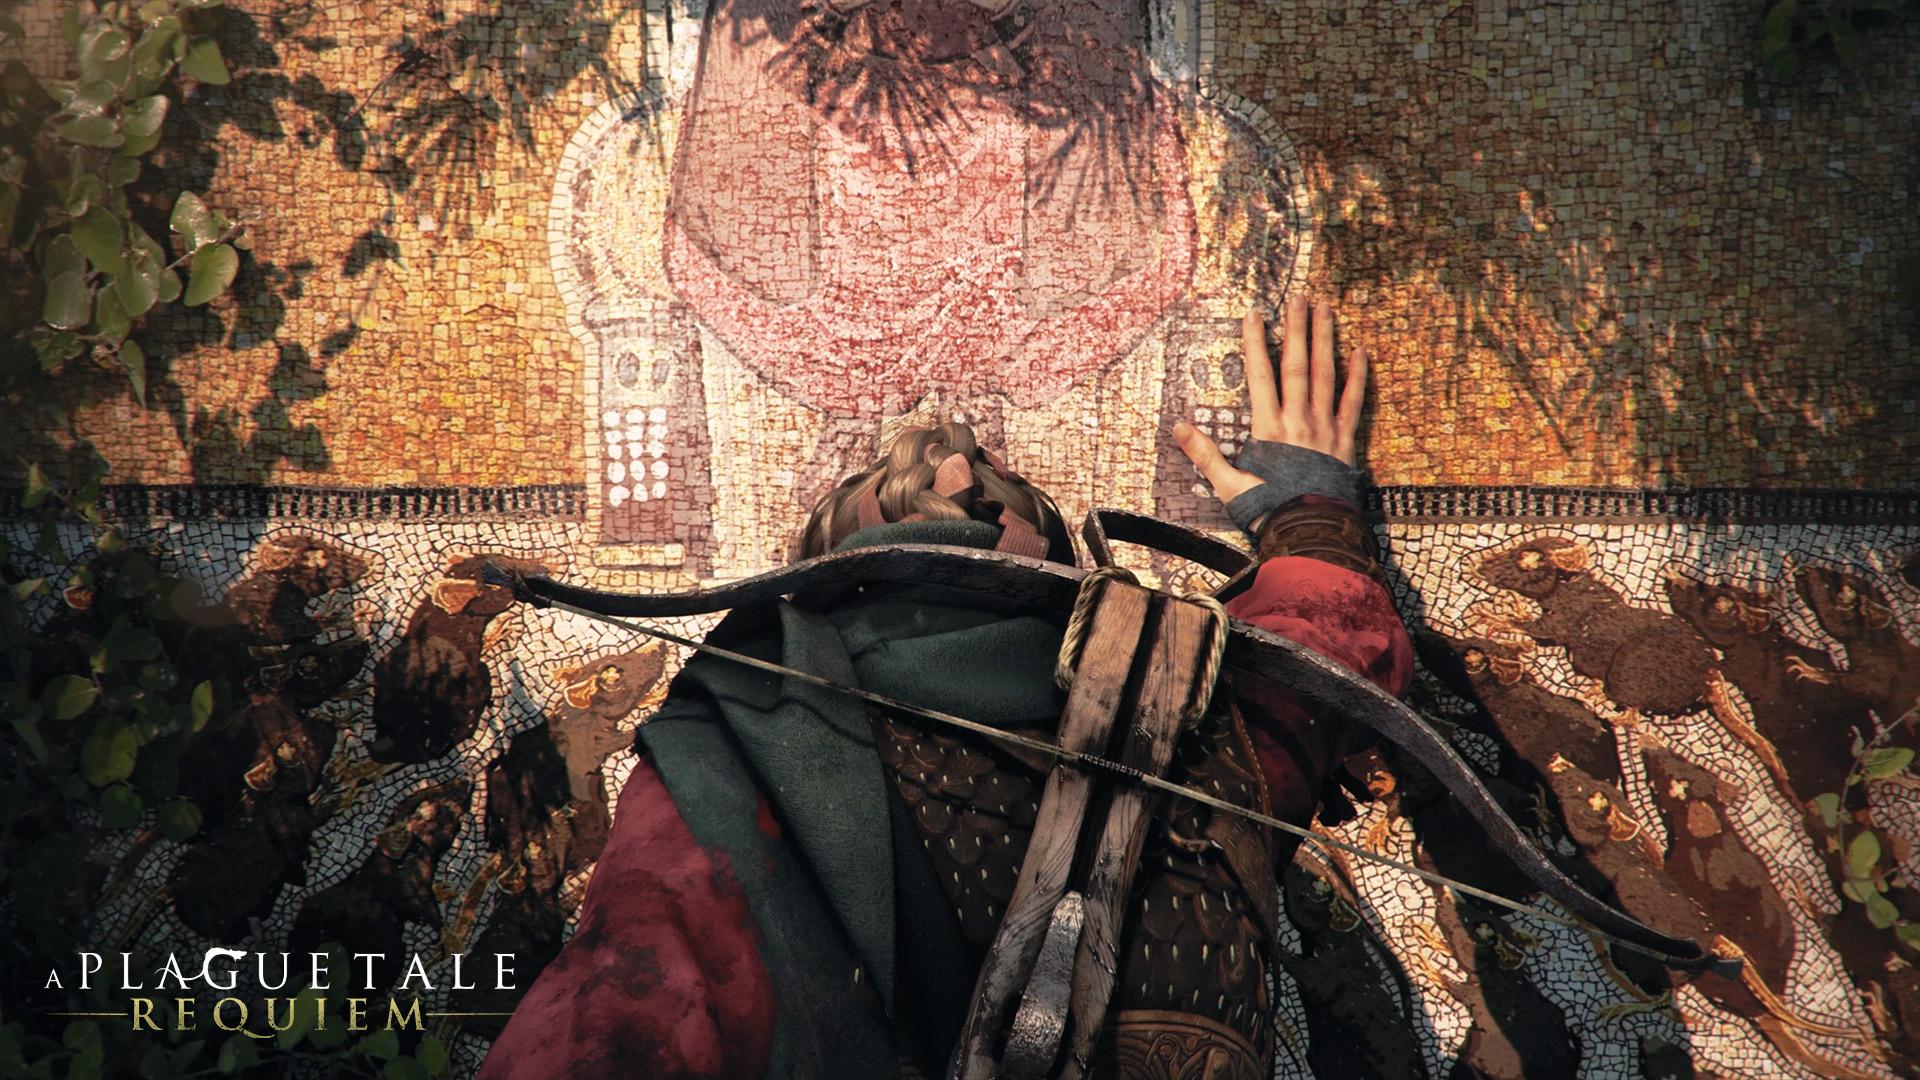 A-Plague-Tale-Requiem_2K-logo_Screenshot-05